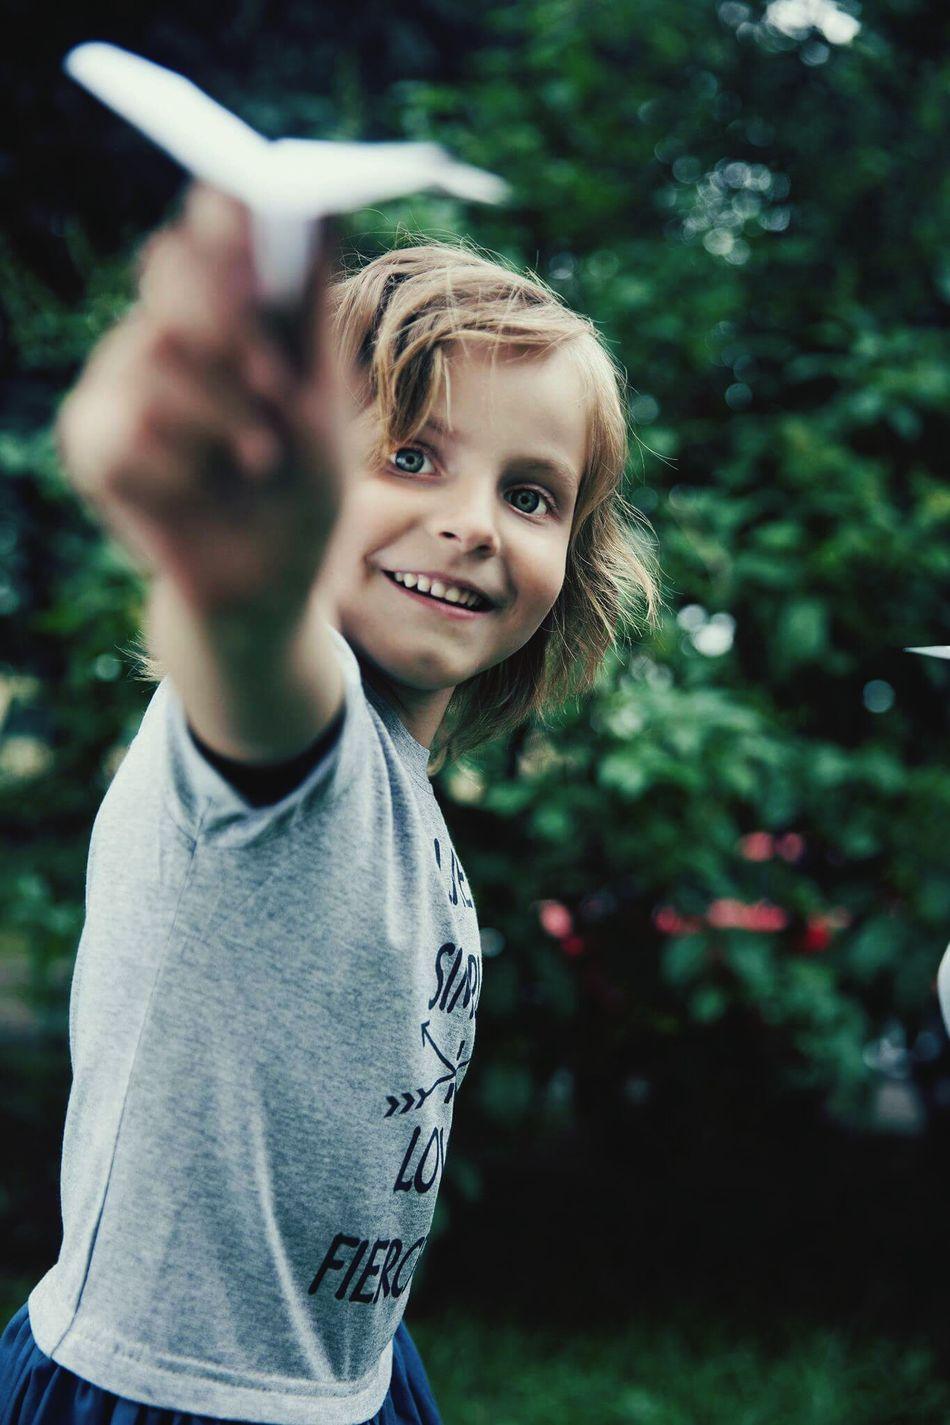 Children Children Photography Childhood Children Playing Children Portraits Children_collection Childrenphoto Childrenfashion Advertisement Advertising Photography Summee Photooftheday Kid Kidsphotography